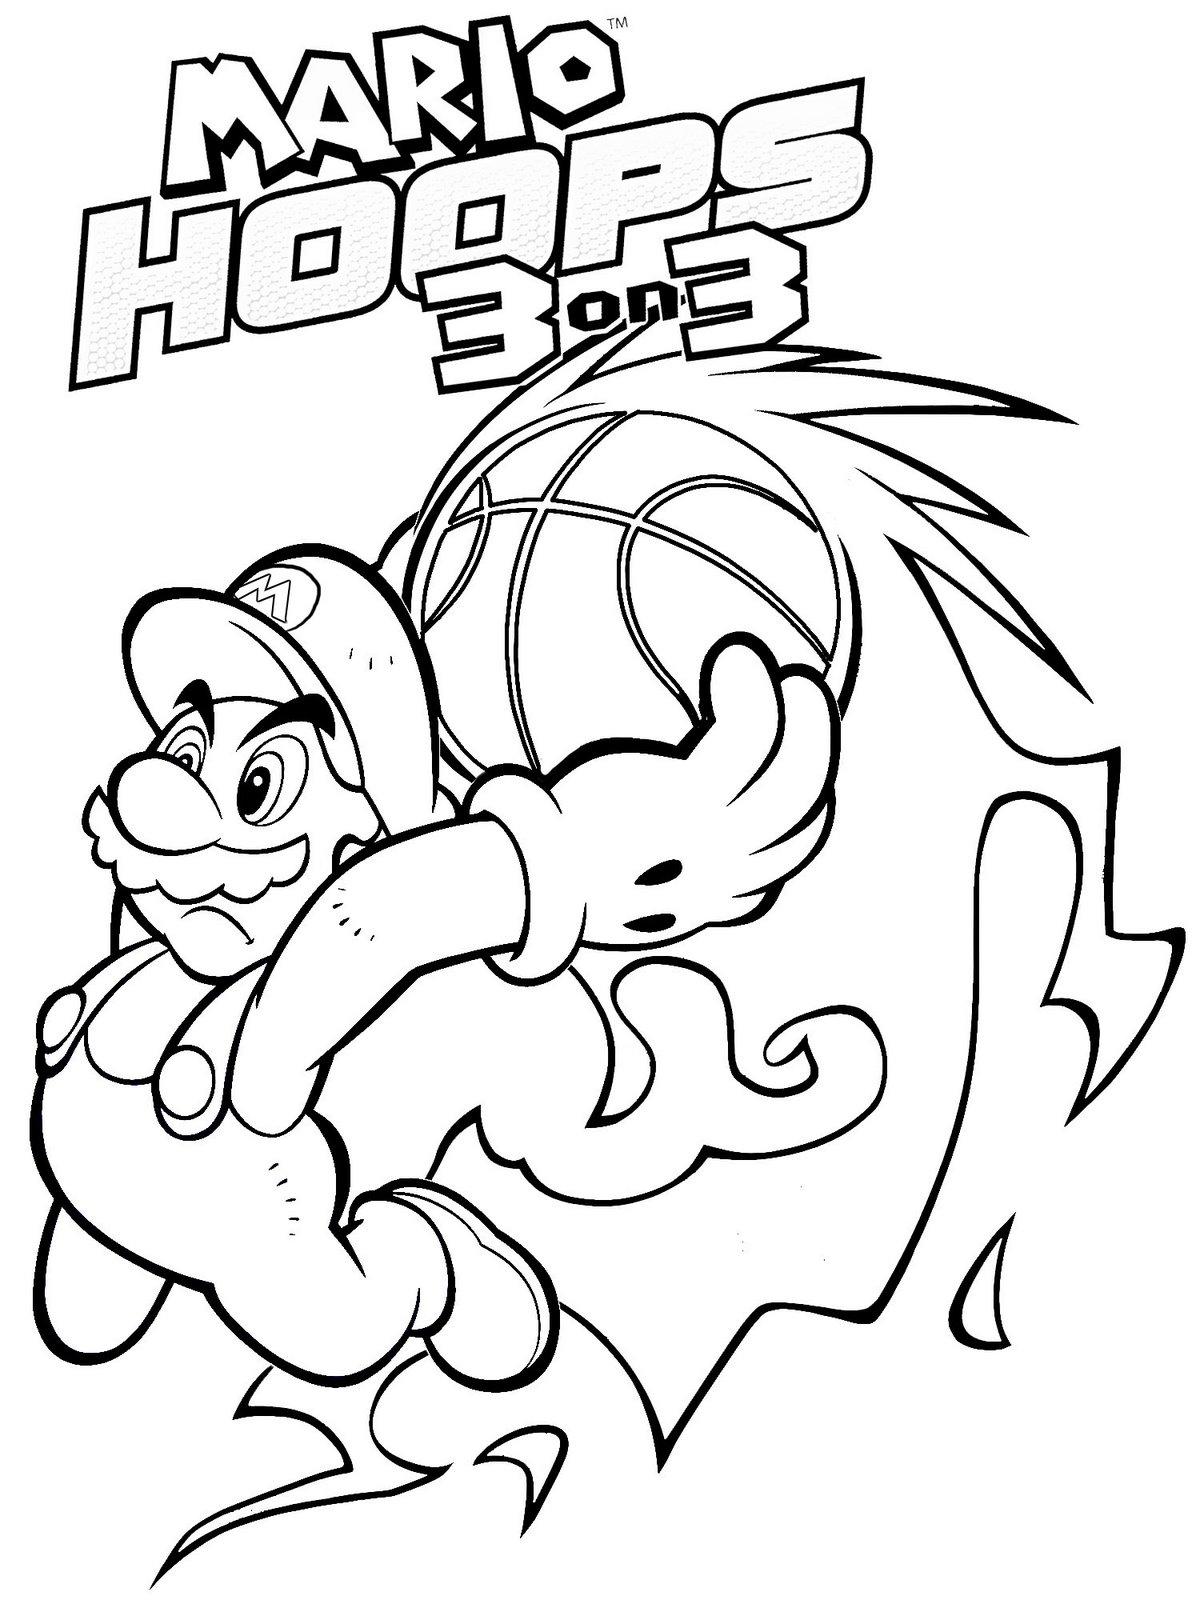 1200x1600 Mario Mario Bros Mario Bros Coloring Pages Printable